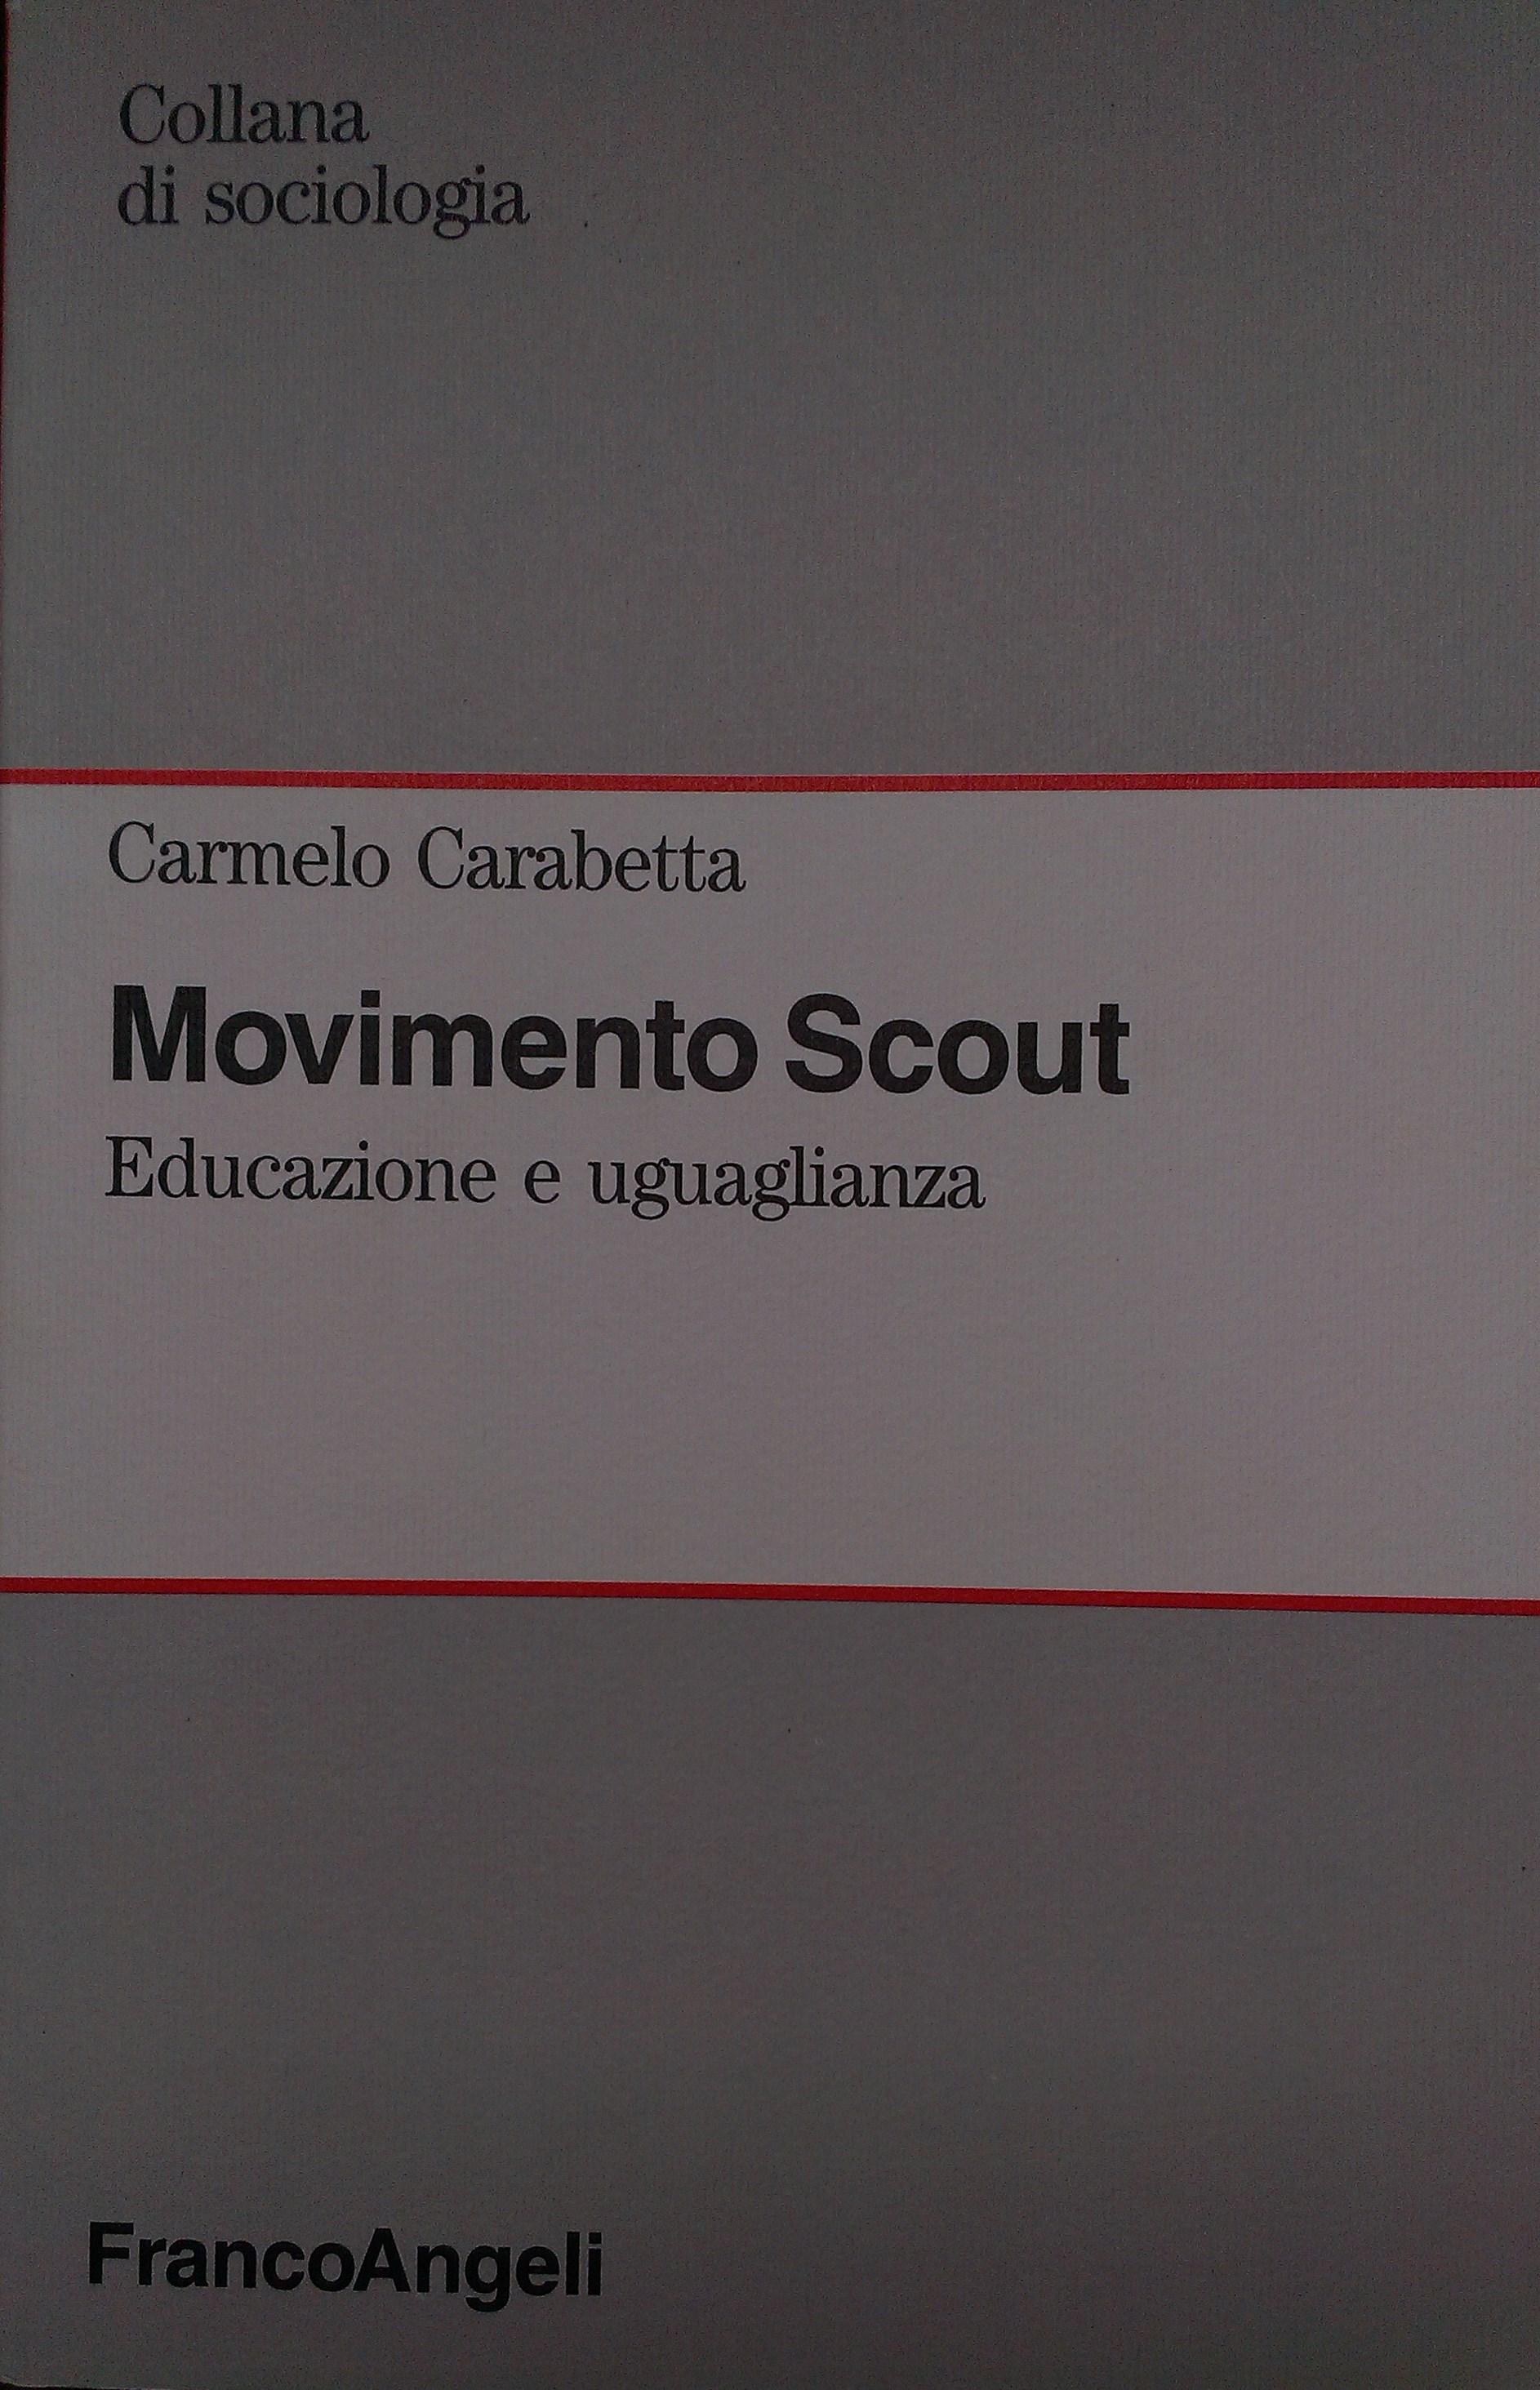 Movimento Scout